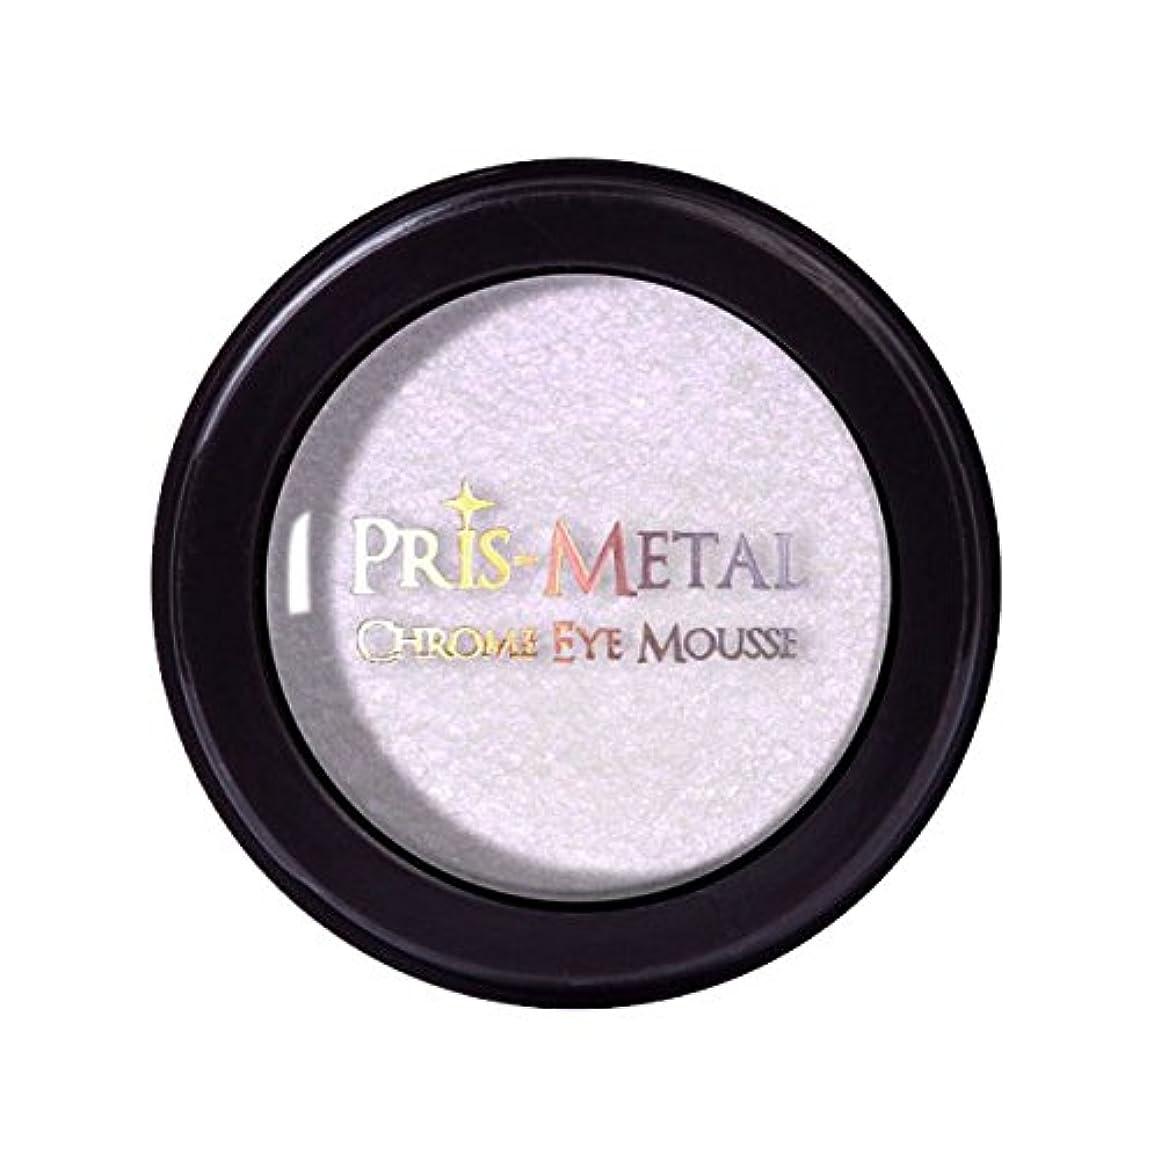 タイピストアダルトシンボル(3 Pack) J. CAT BEAUTY Pris-Metal Chrome Eye Mousse - Pinky Promise (並行輸入品)